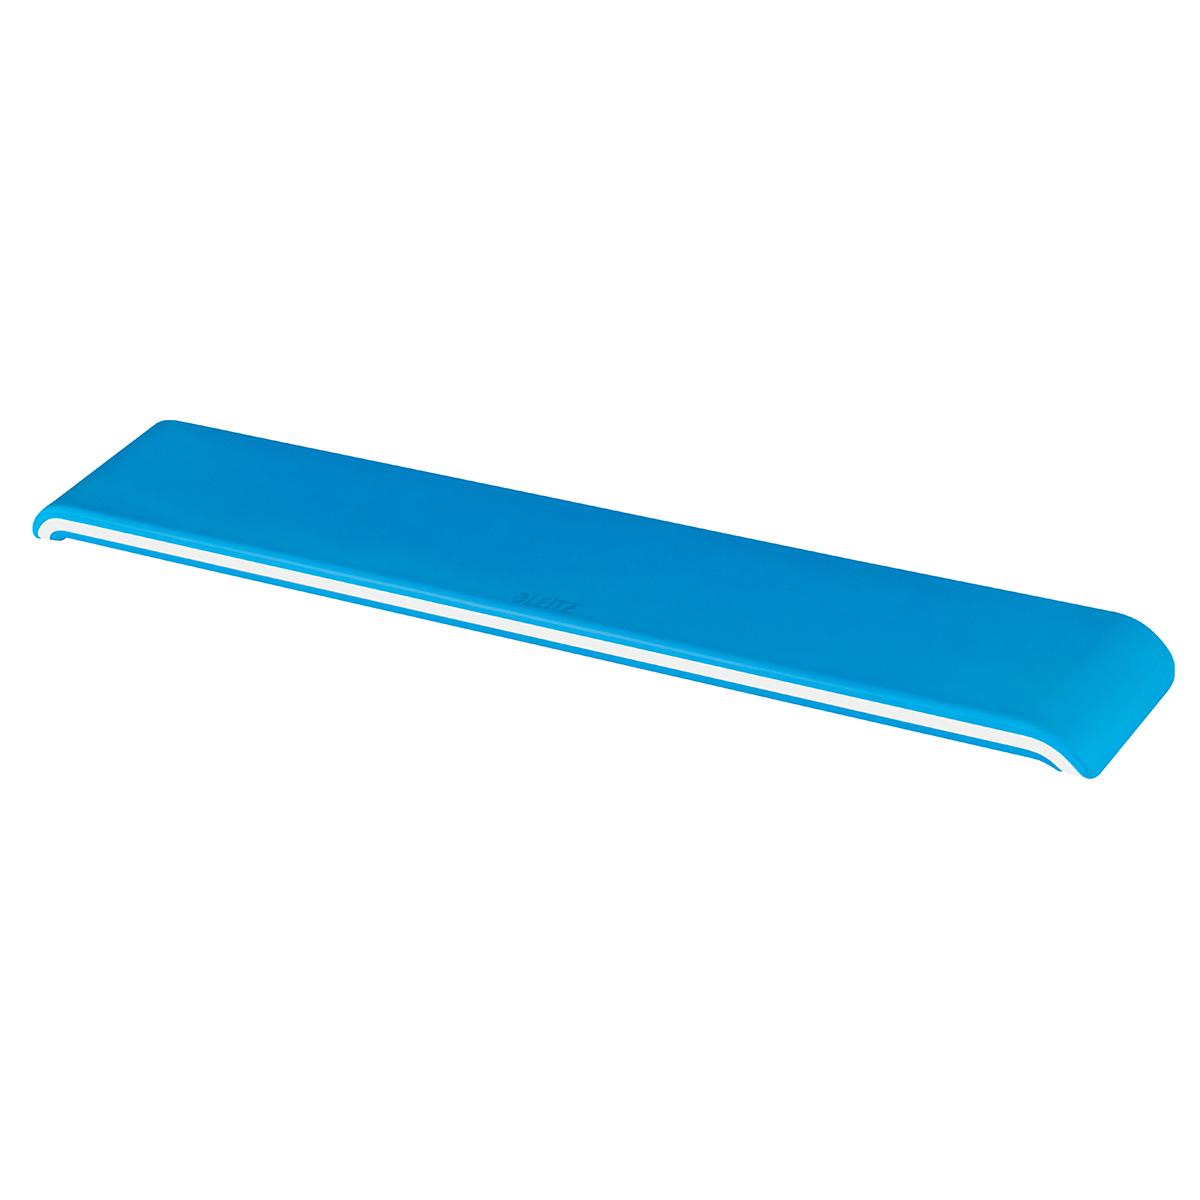 Leitz Ergo WOW Adjustable Keyboard Wrist Rest Blue